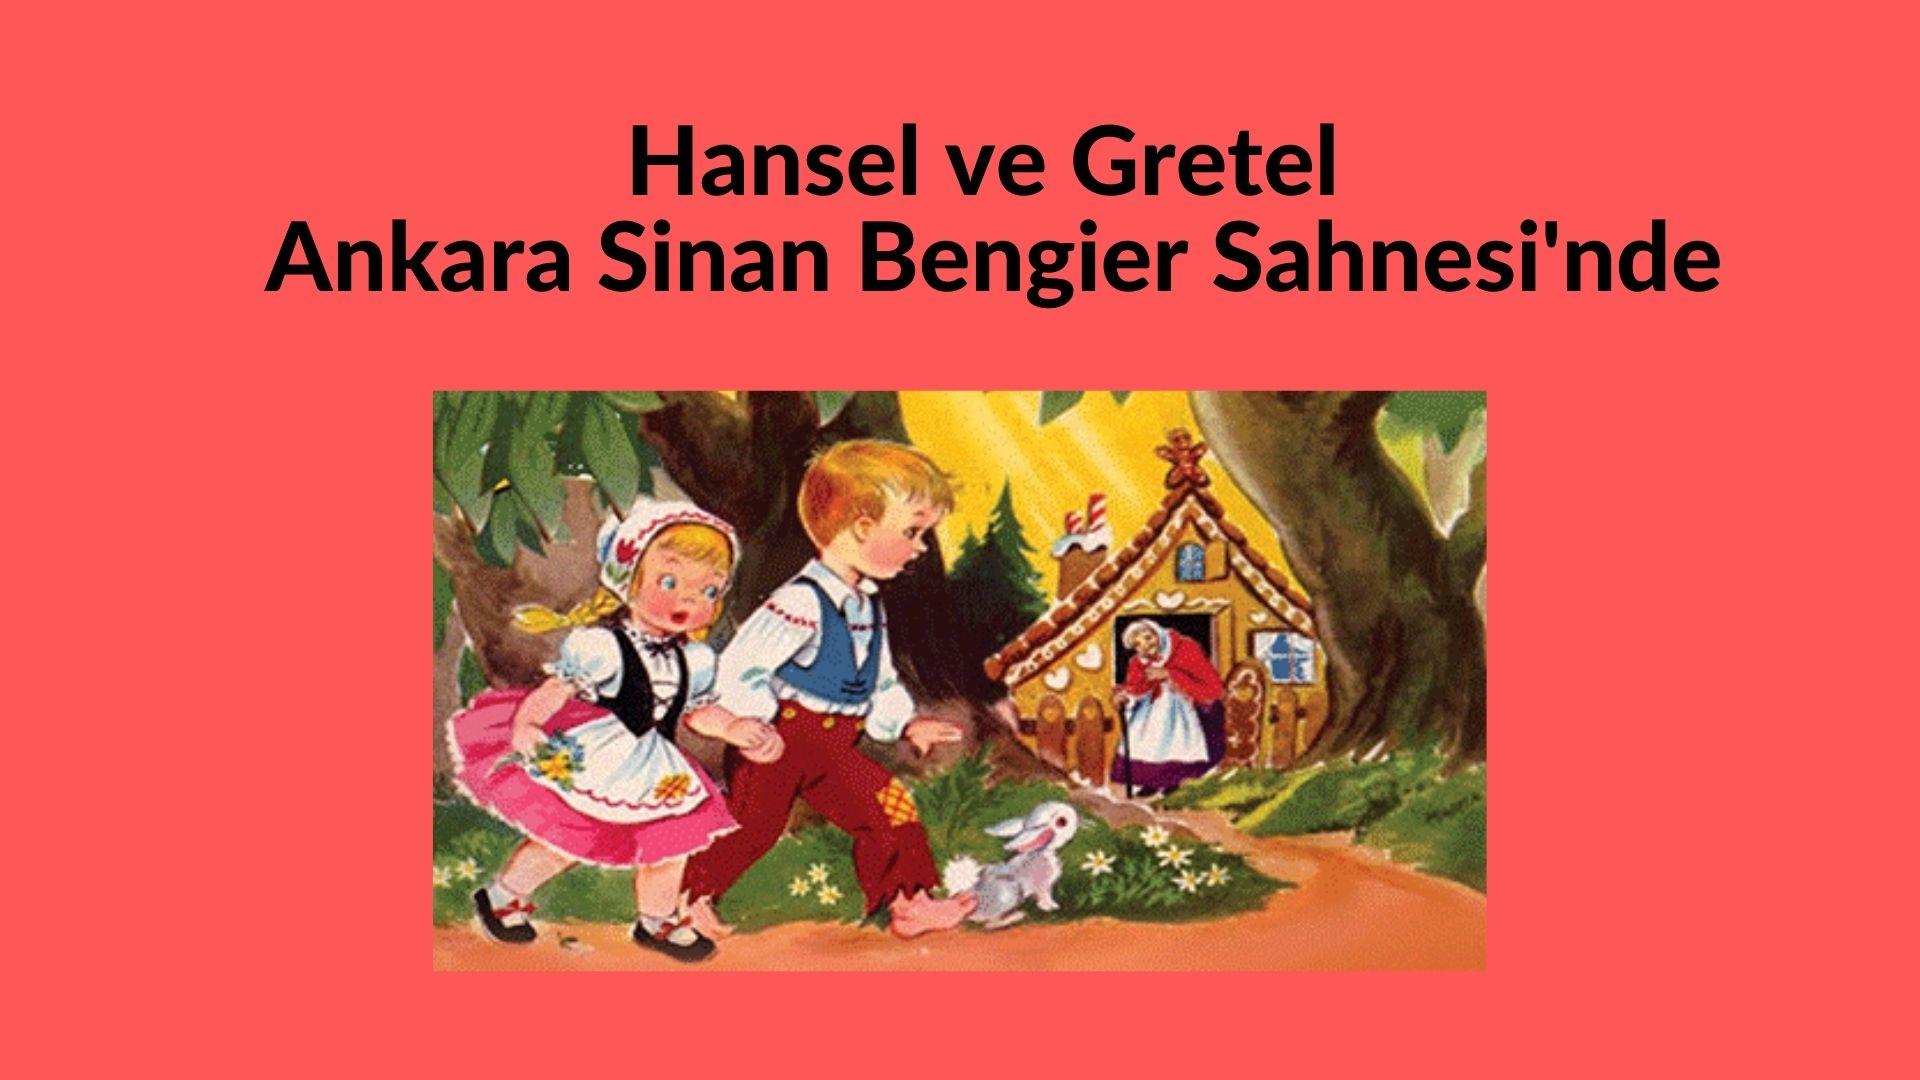 Hansel ve Gretel Ankara Sinan Bengier Sahnesi'nde